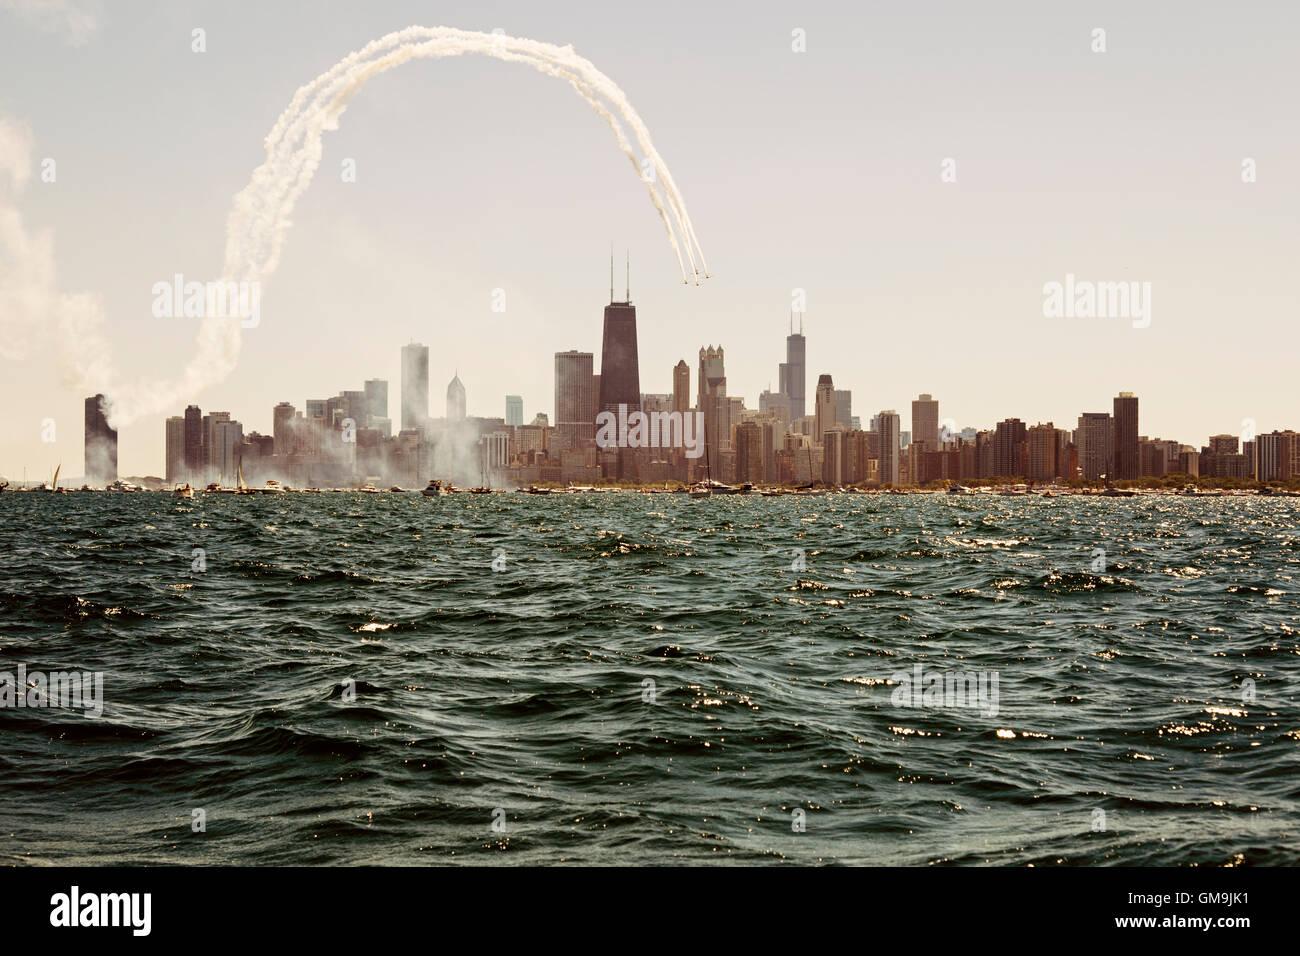 L'Illinois, à Chicago, le lac Michigan et sur les toits de la ville avec des gratte-ciel Photo Stock